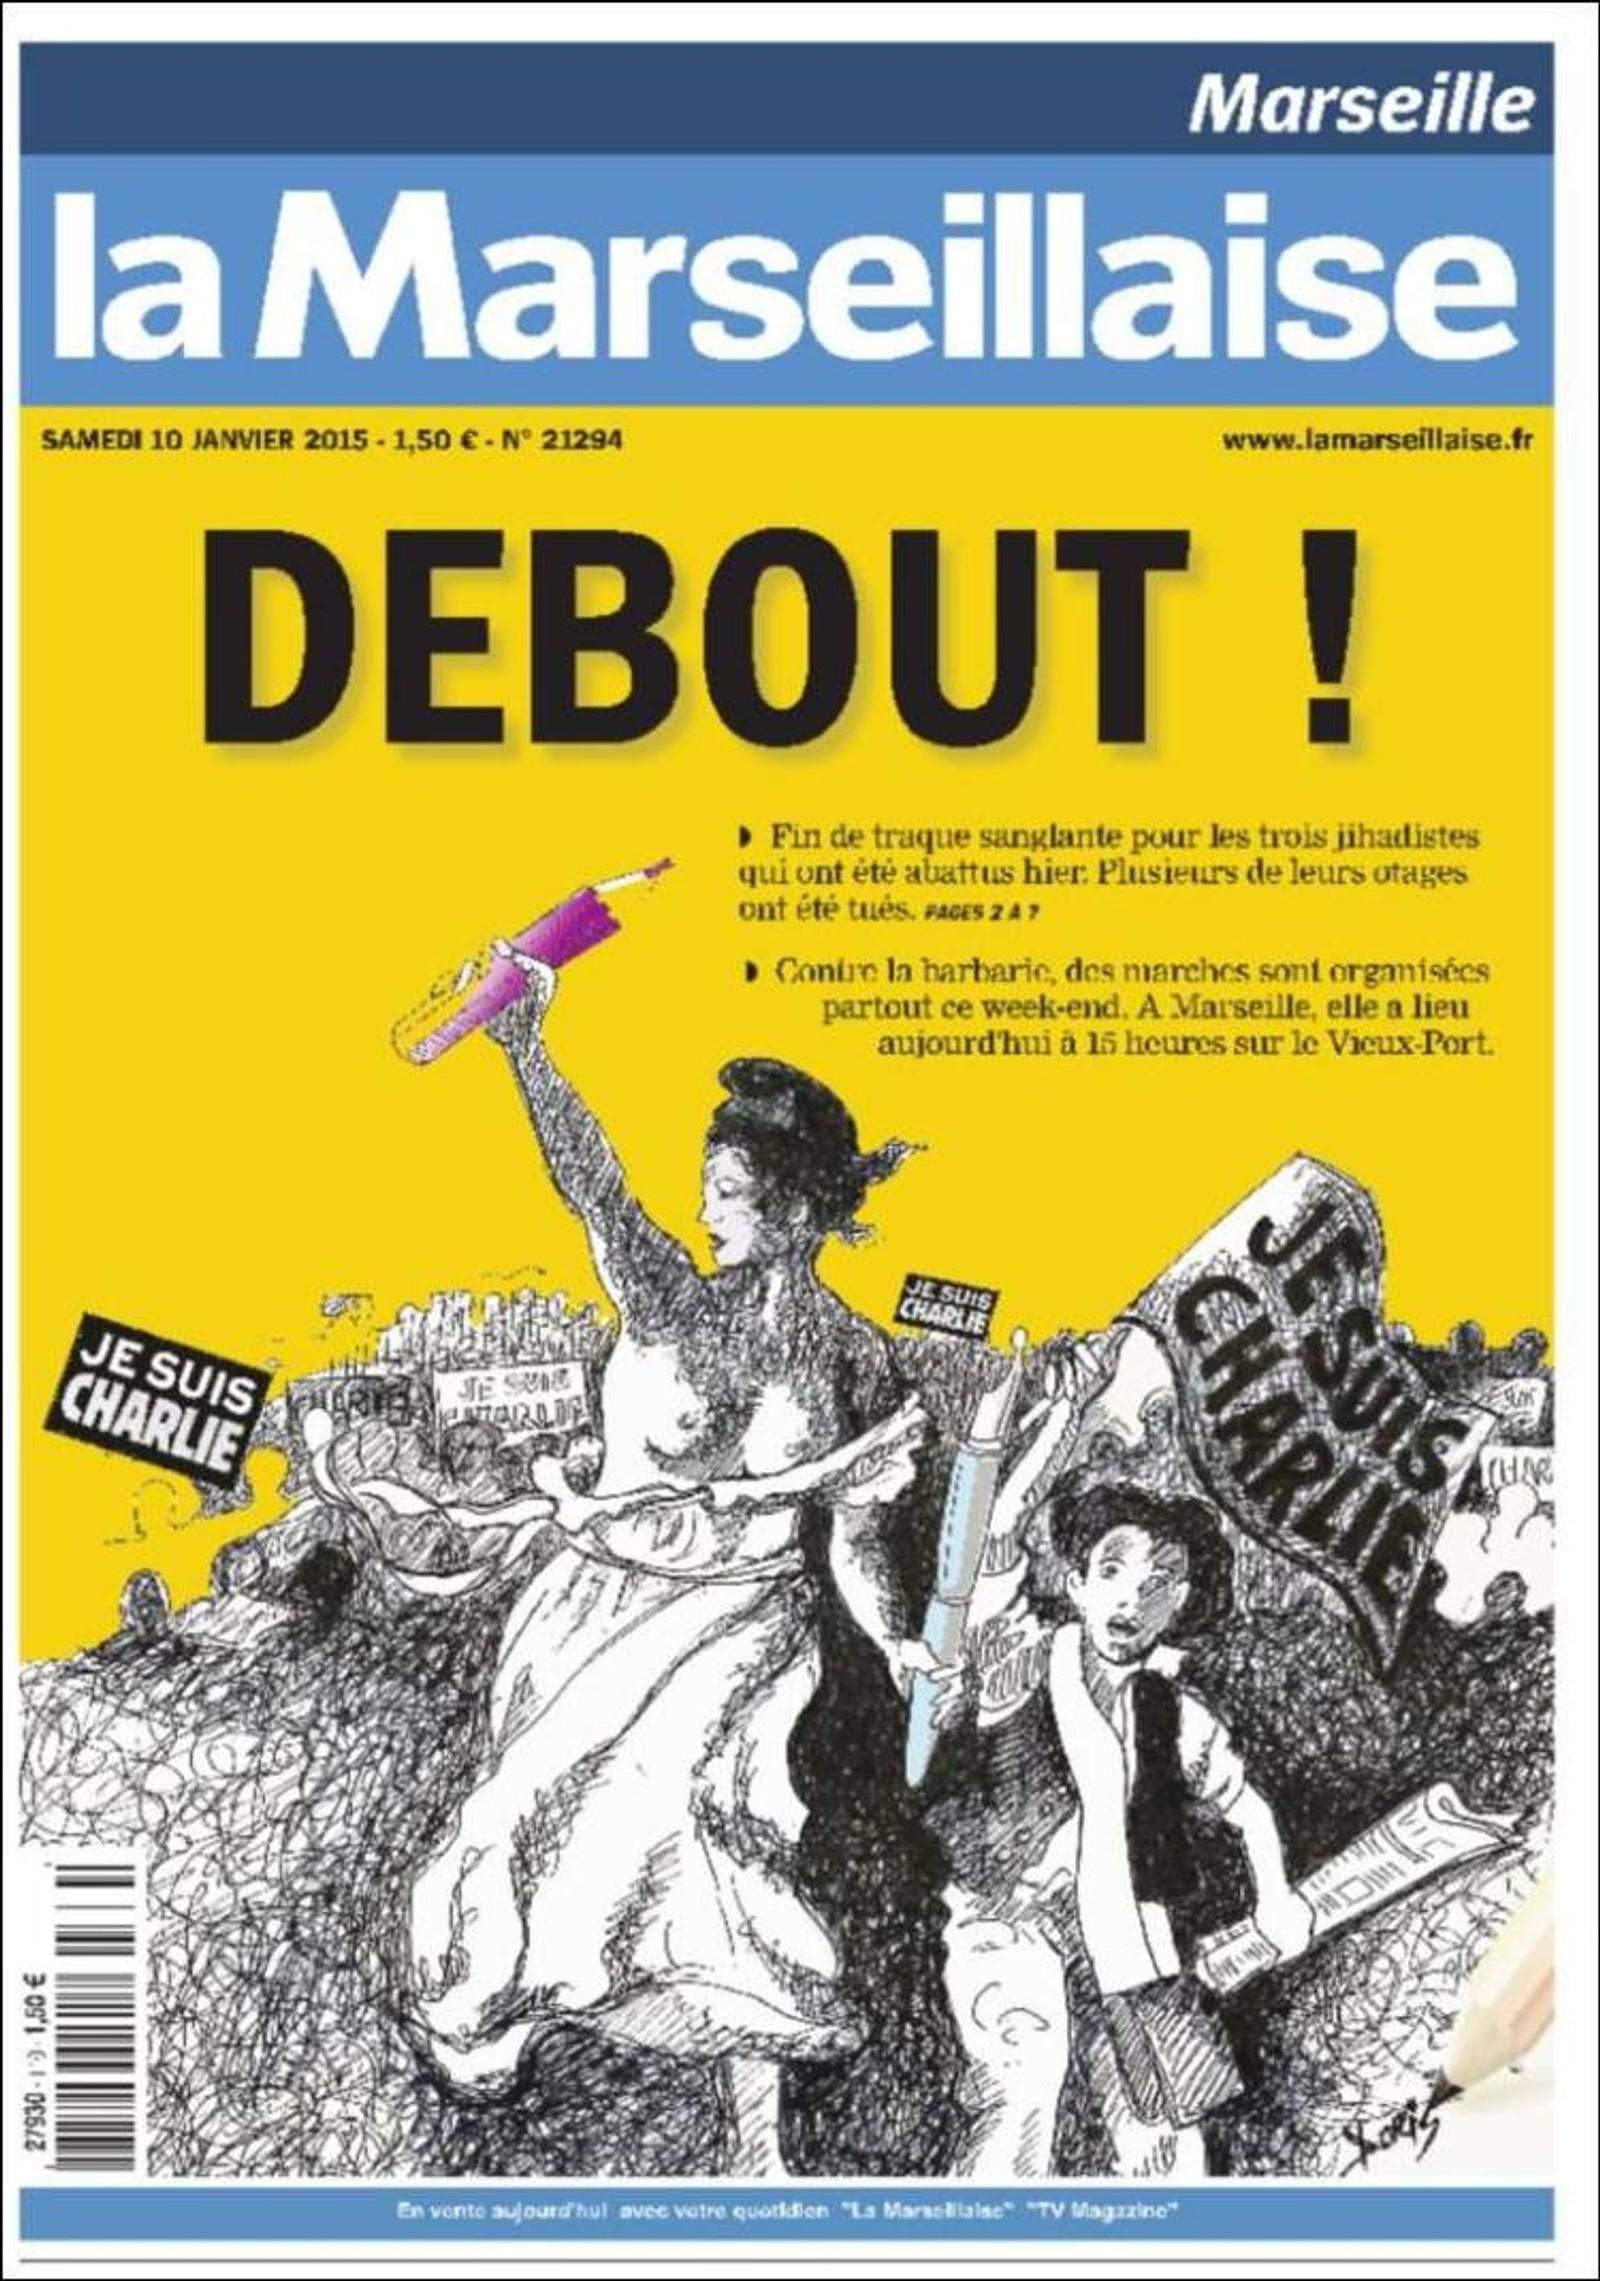 La Marseillaise: Opp å stå!